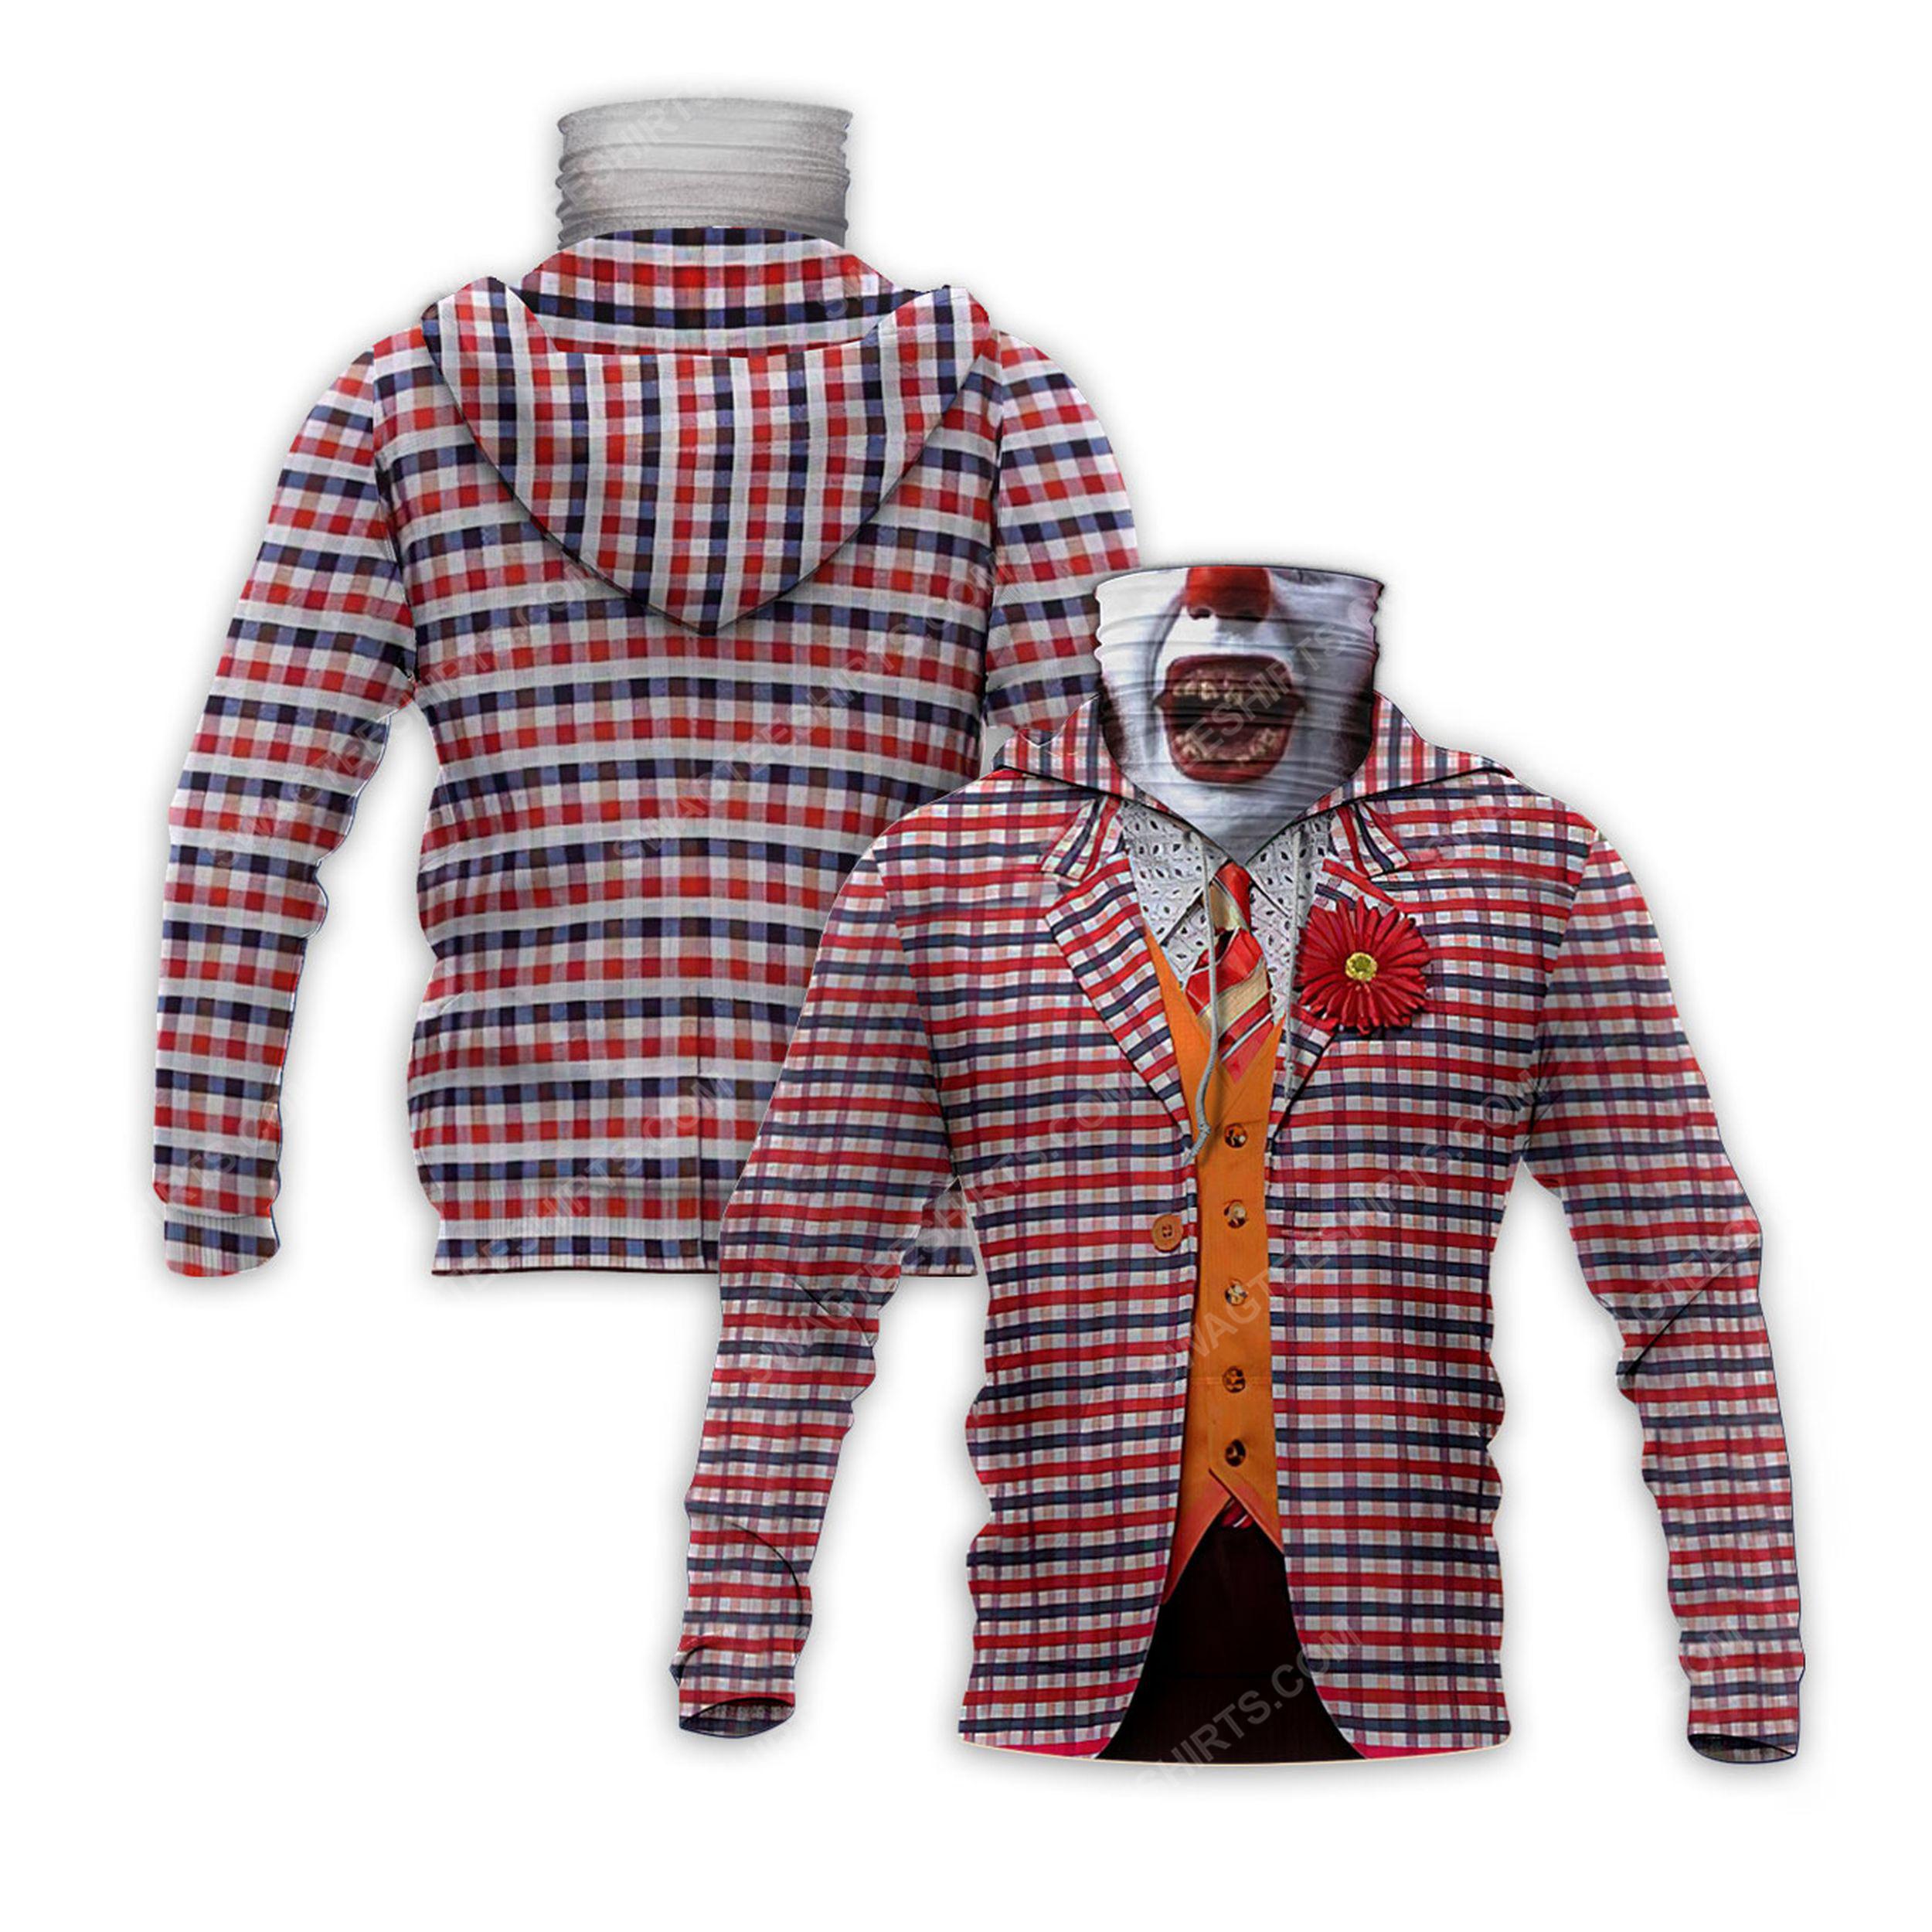 The movie joker for halloween full print mask hoodie 2(1)